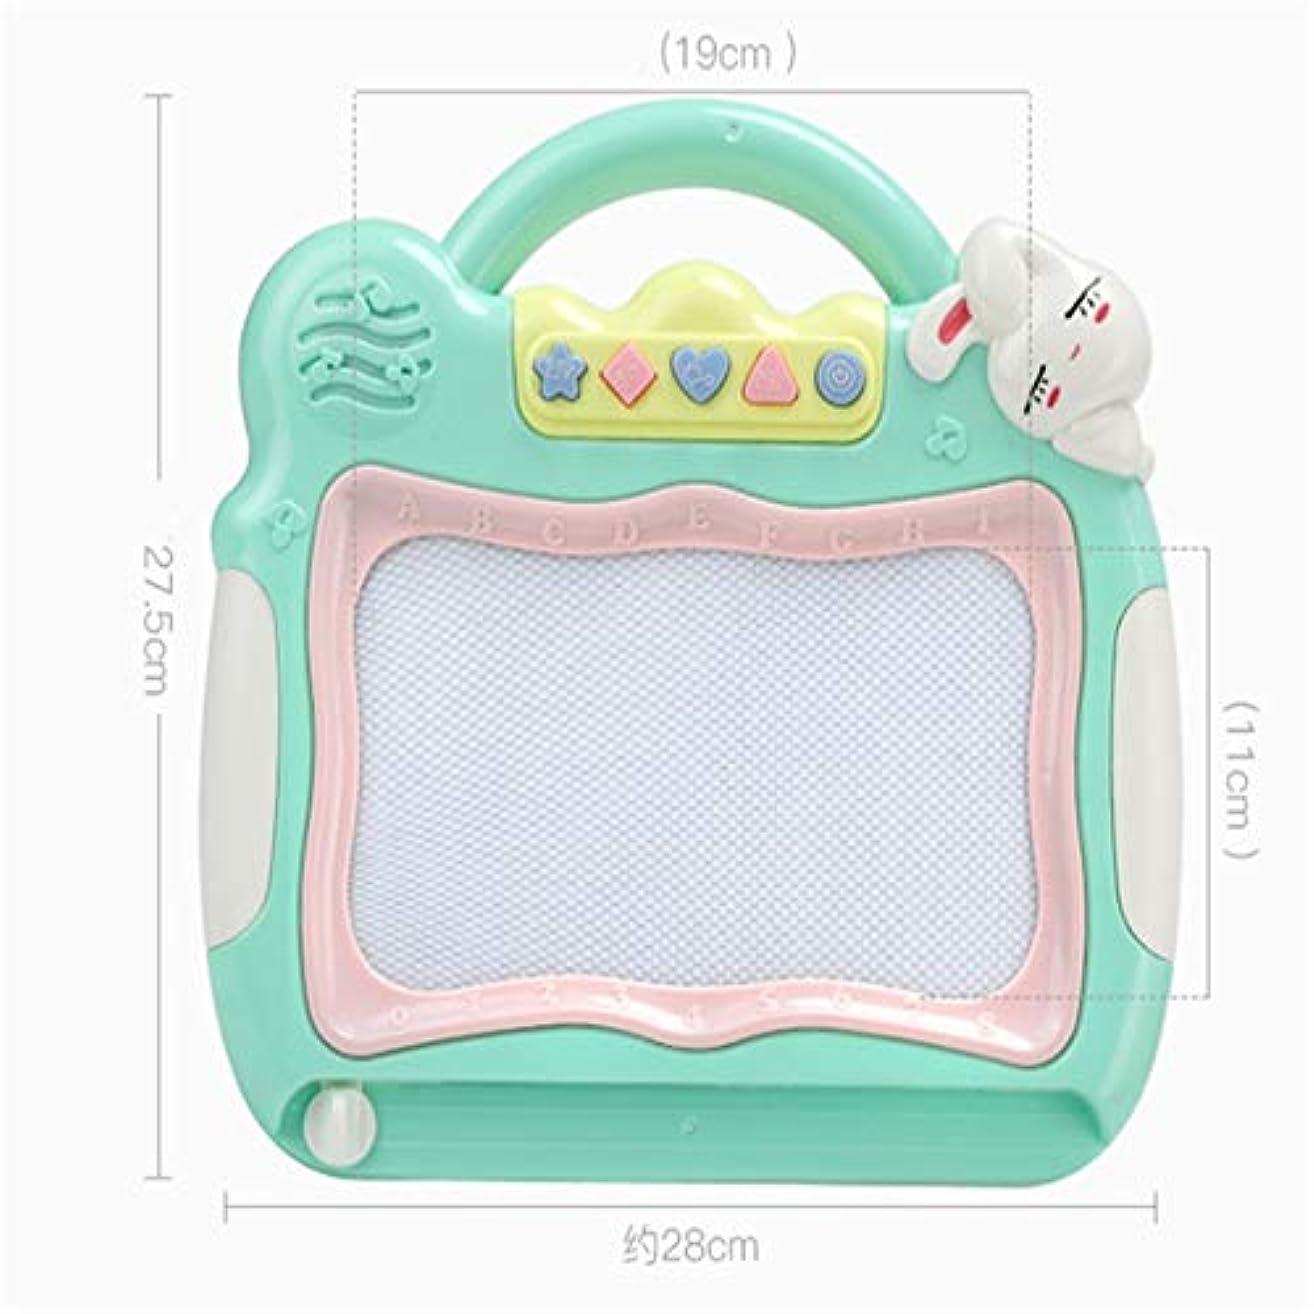 数値チョップオール製図板 子どもの描画ボード磁気ライティングボードペン - カラーグラフィティ音楽会絵画ツール1-3歳2赤ちゃんのおもちゃ Sキッズ製図板 子供用製図板 (Color : Blue)